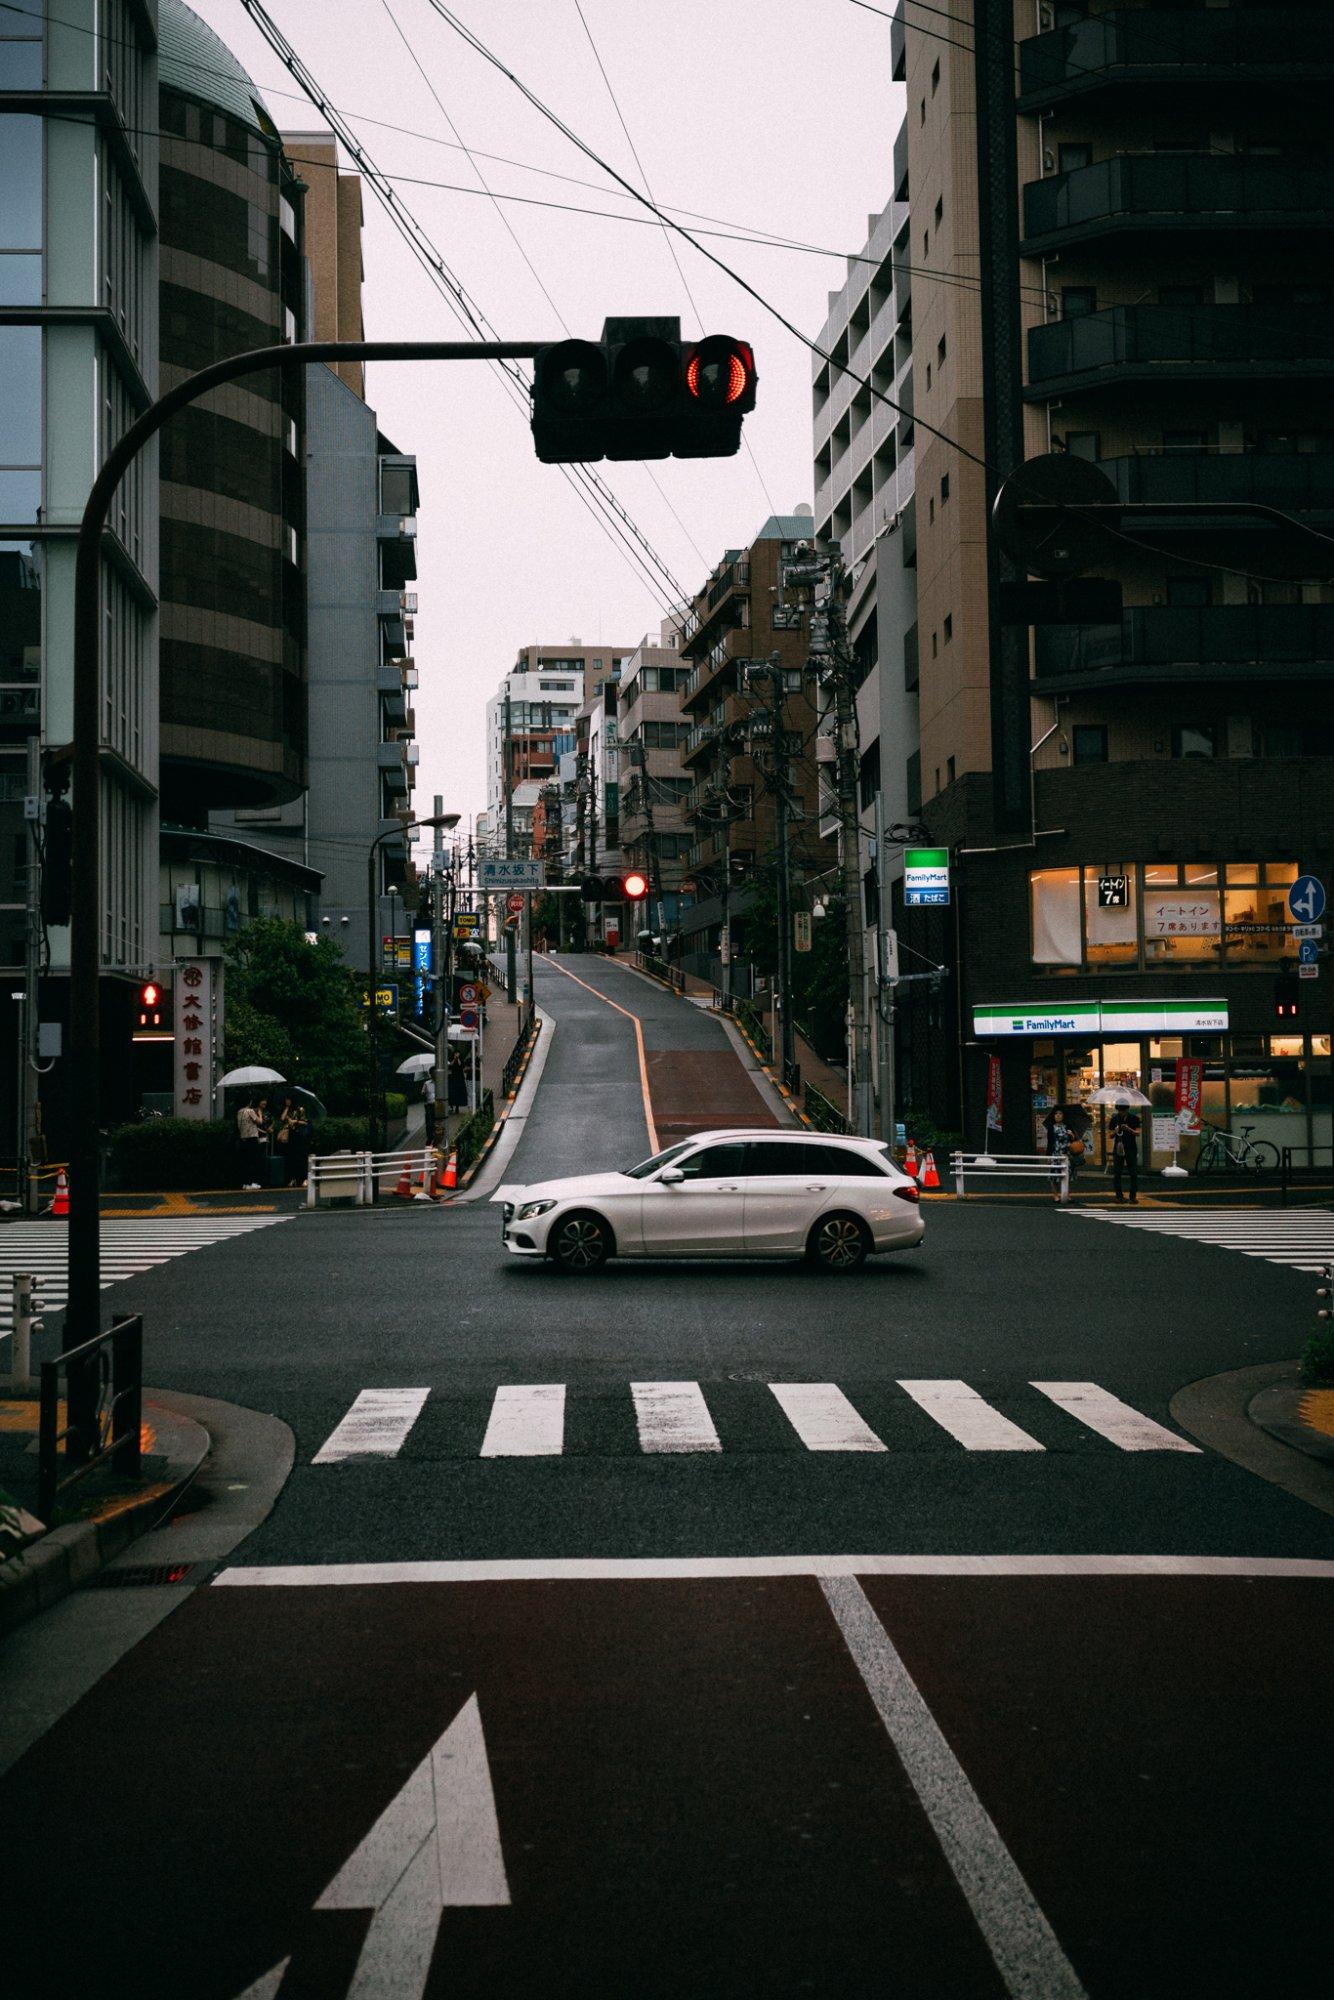 J_Bostwick_-_Nippon_-_20190714_-_JB_05943.jpg